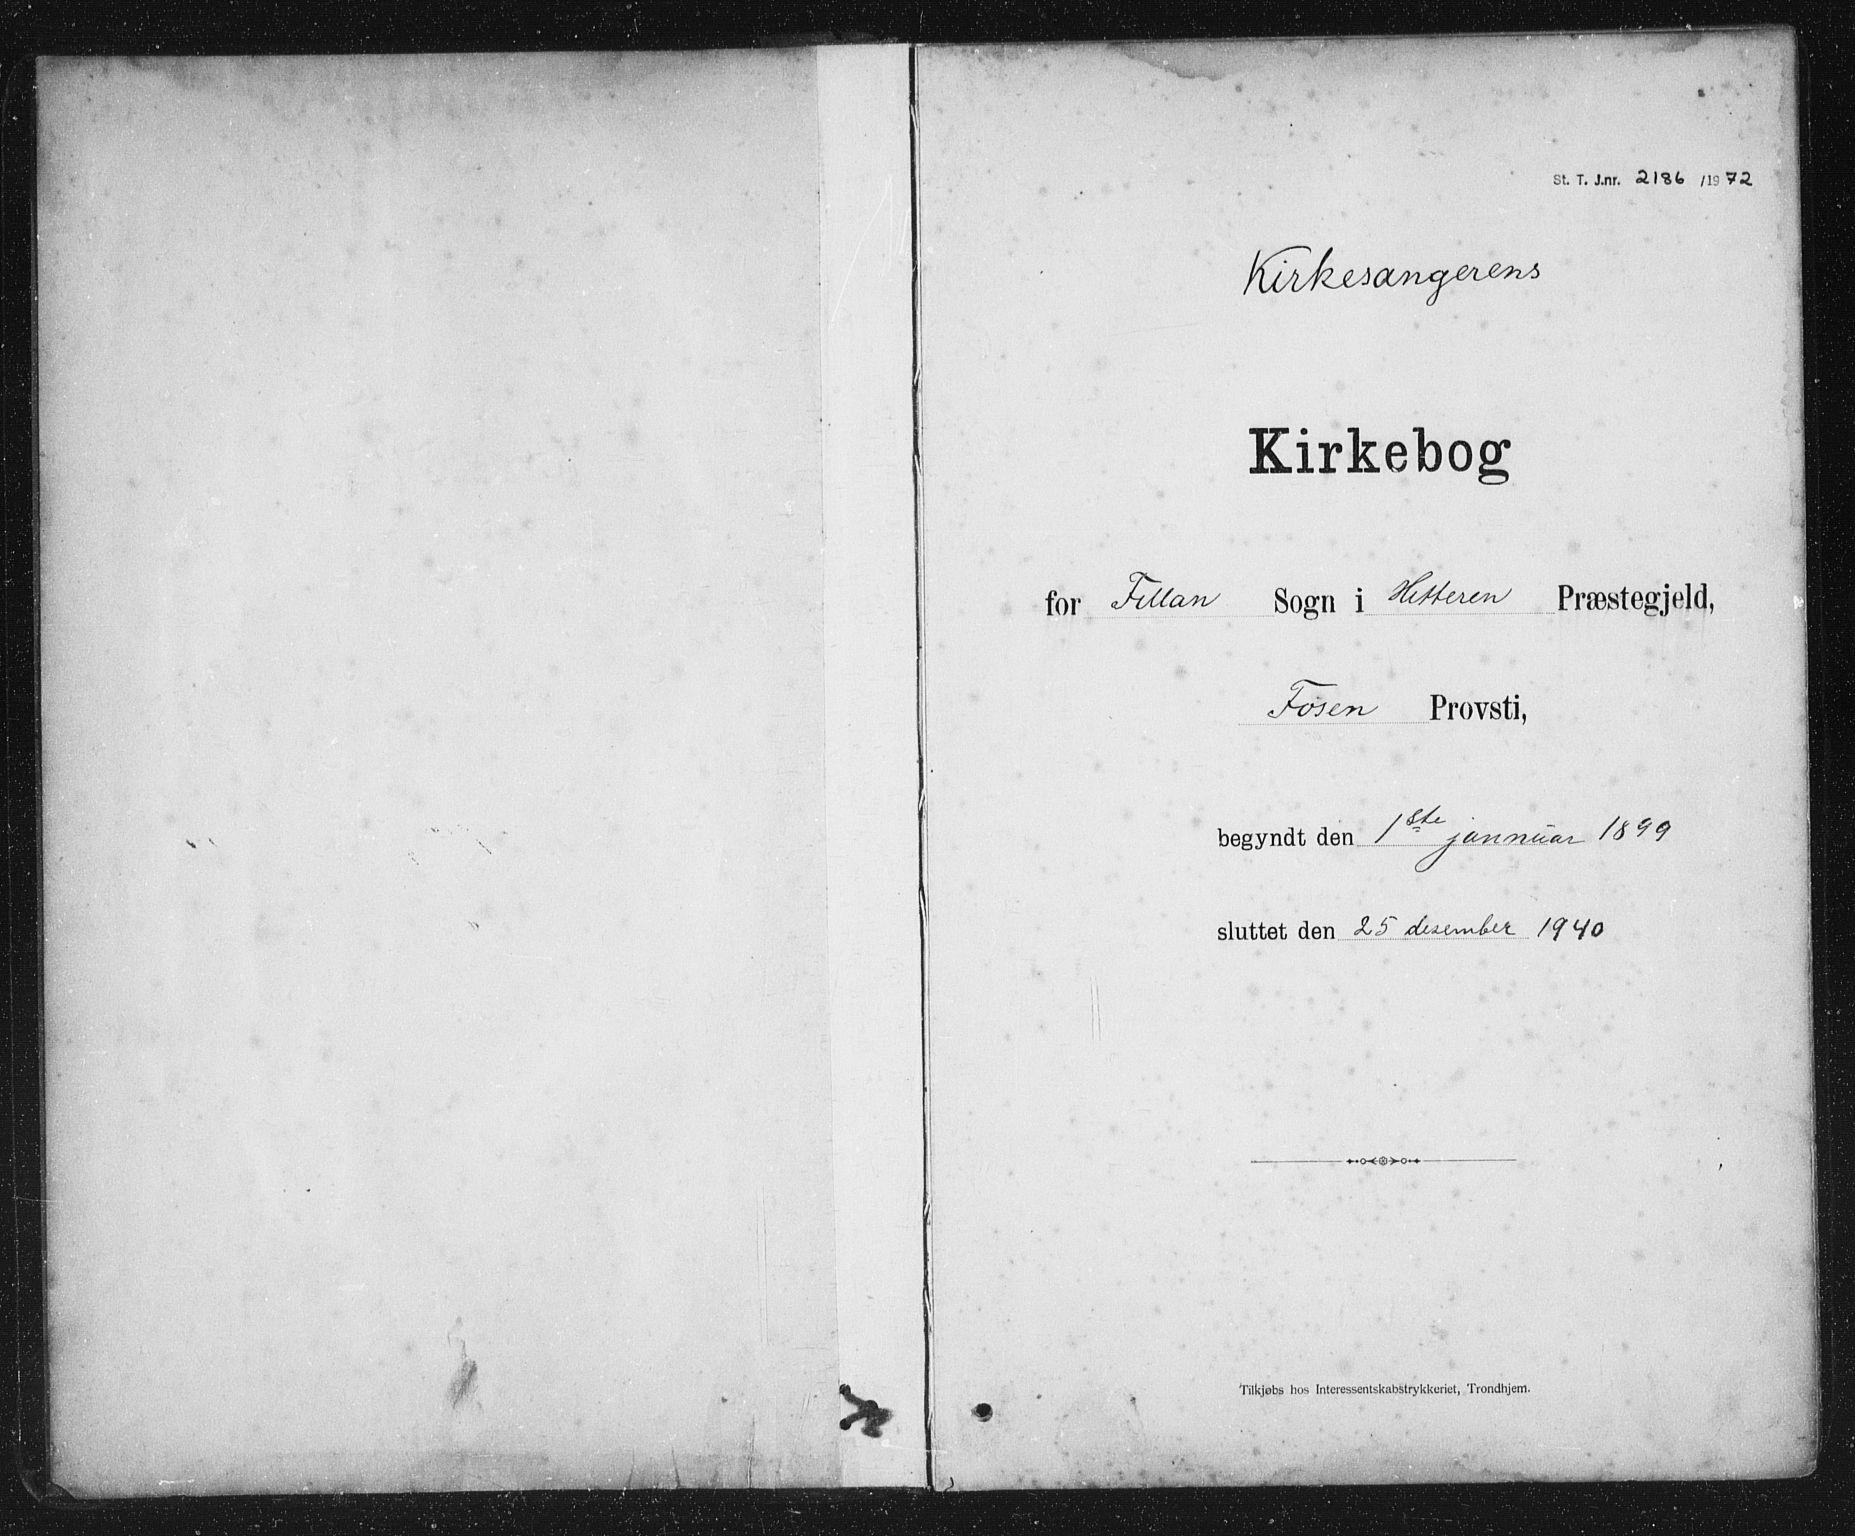 SAT, Ministerialprotokoller, klokkerbøker og fødselsregistre - Sør-Trøndelag, 637/L0563: Klokkerbok nr. 637C04, 1899-1940